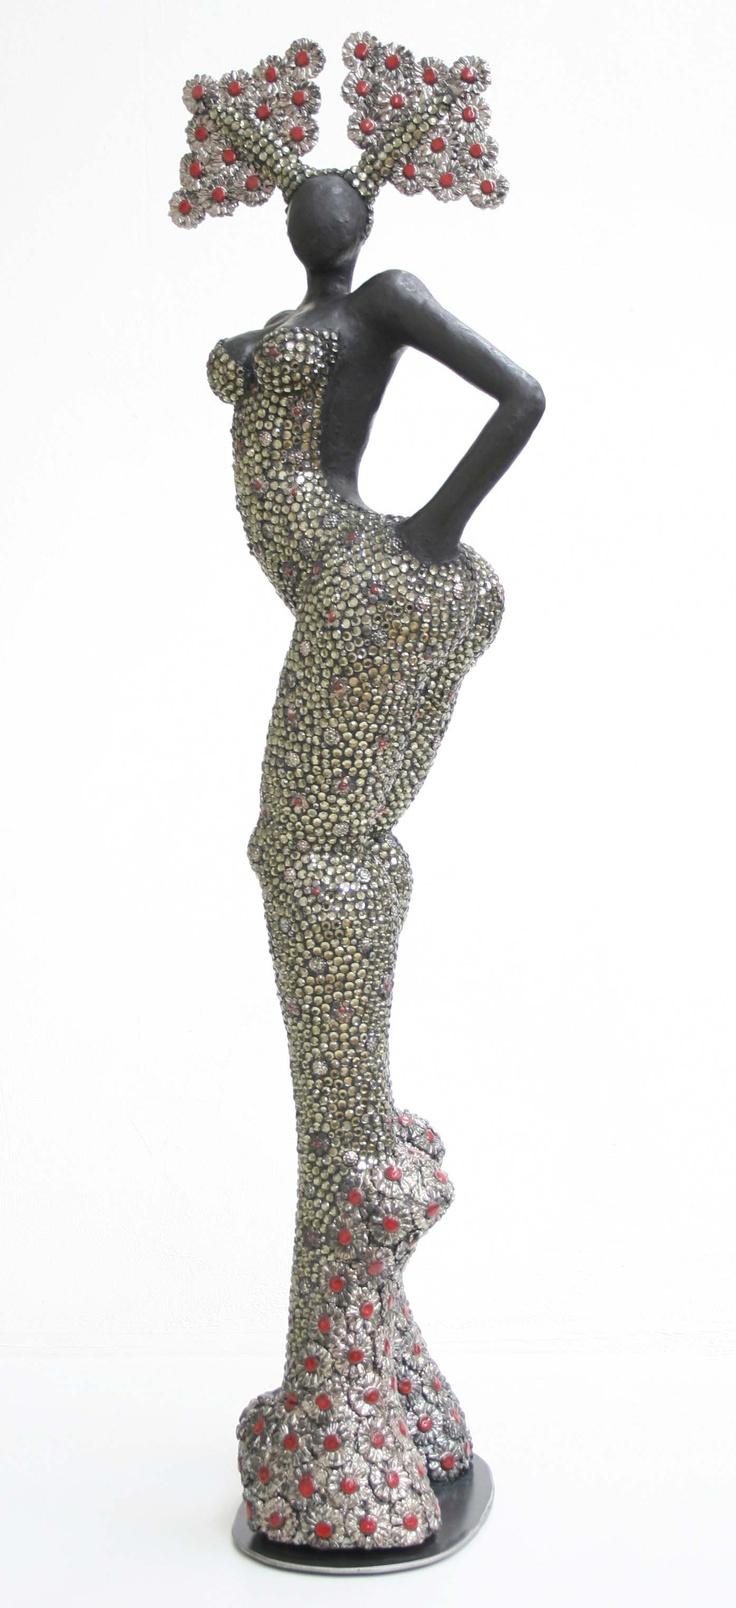 Disco Queen by Karin van de Walle